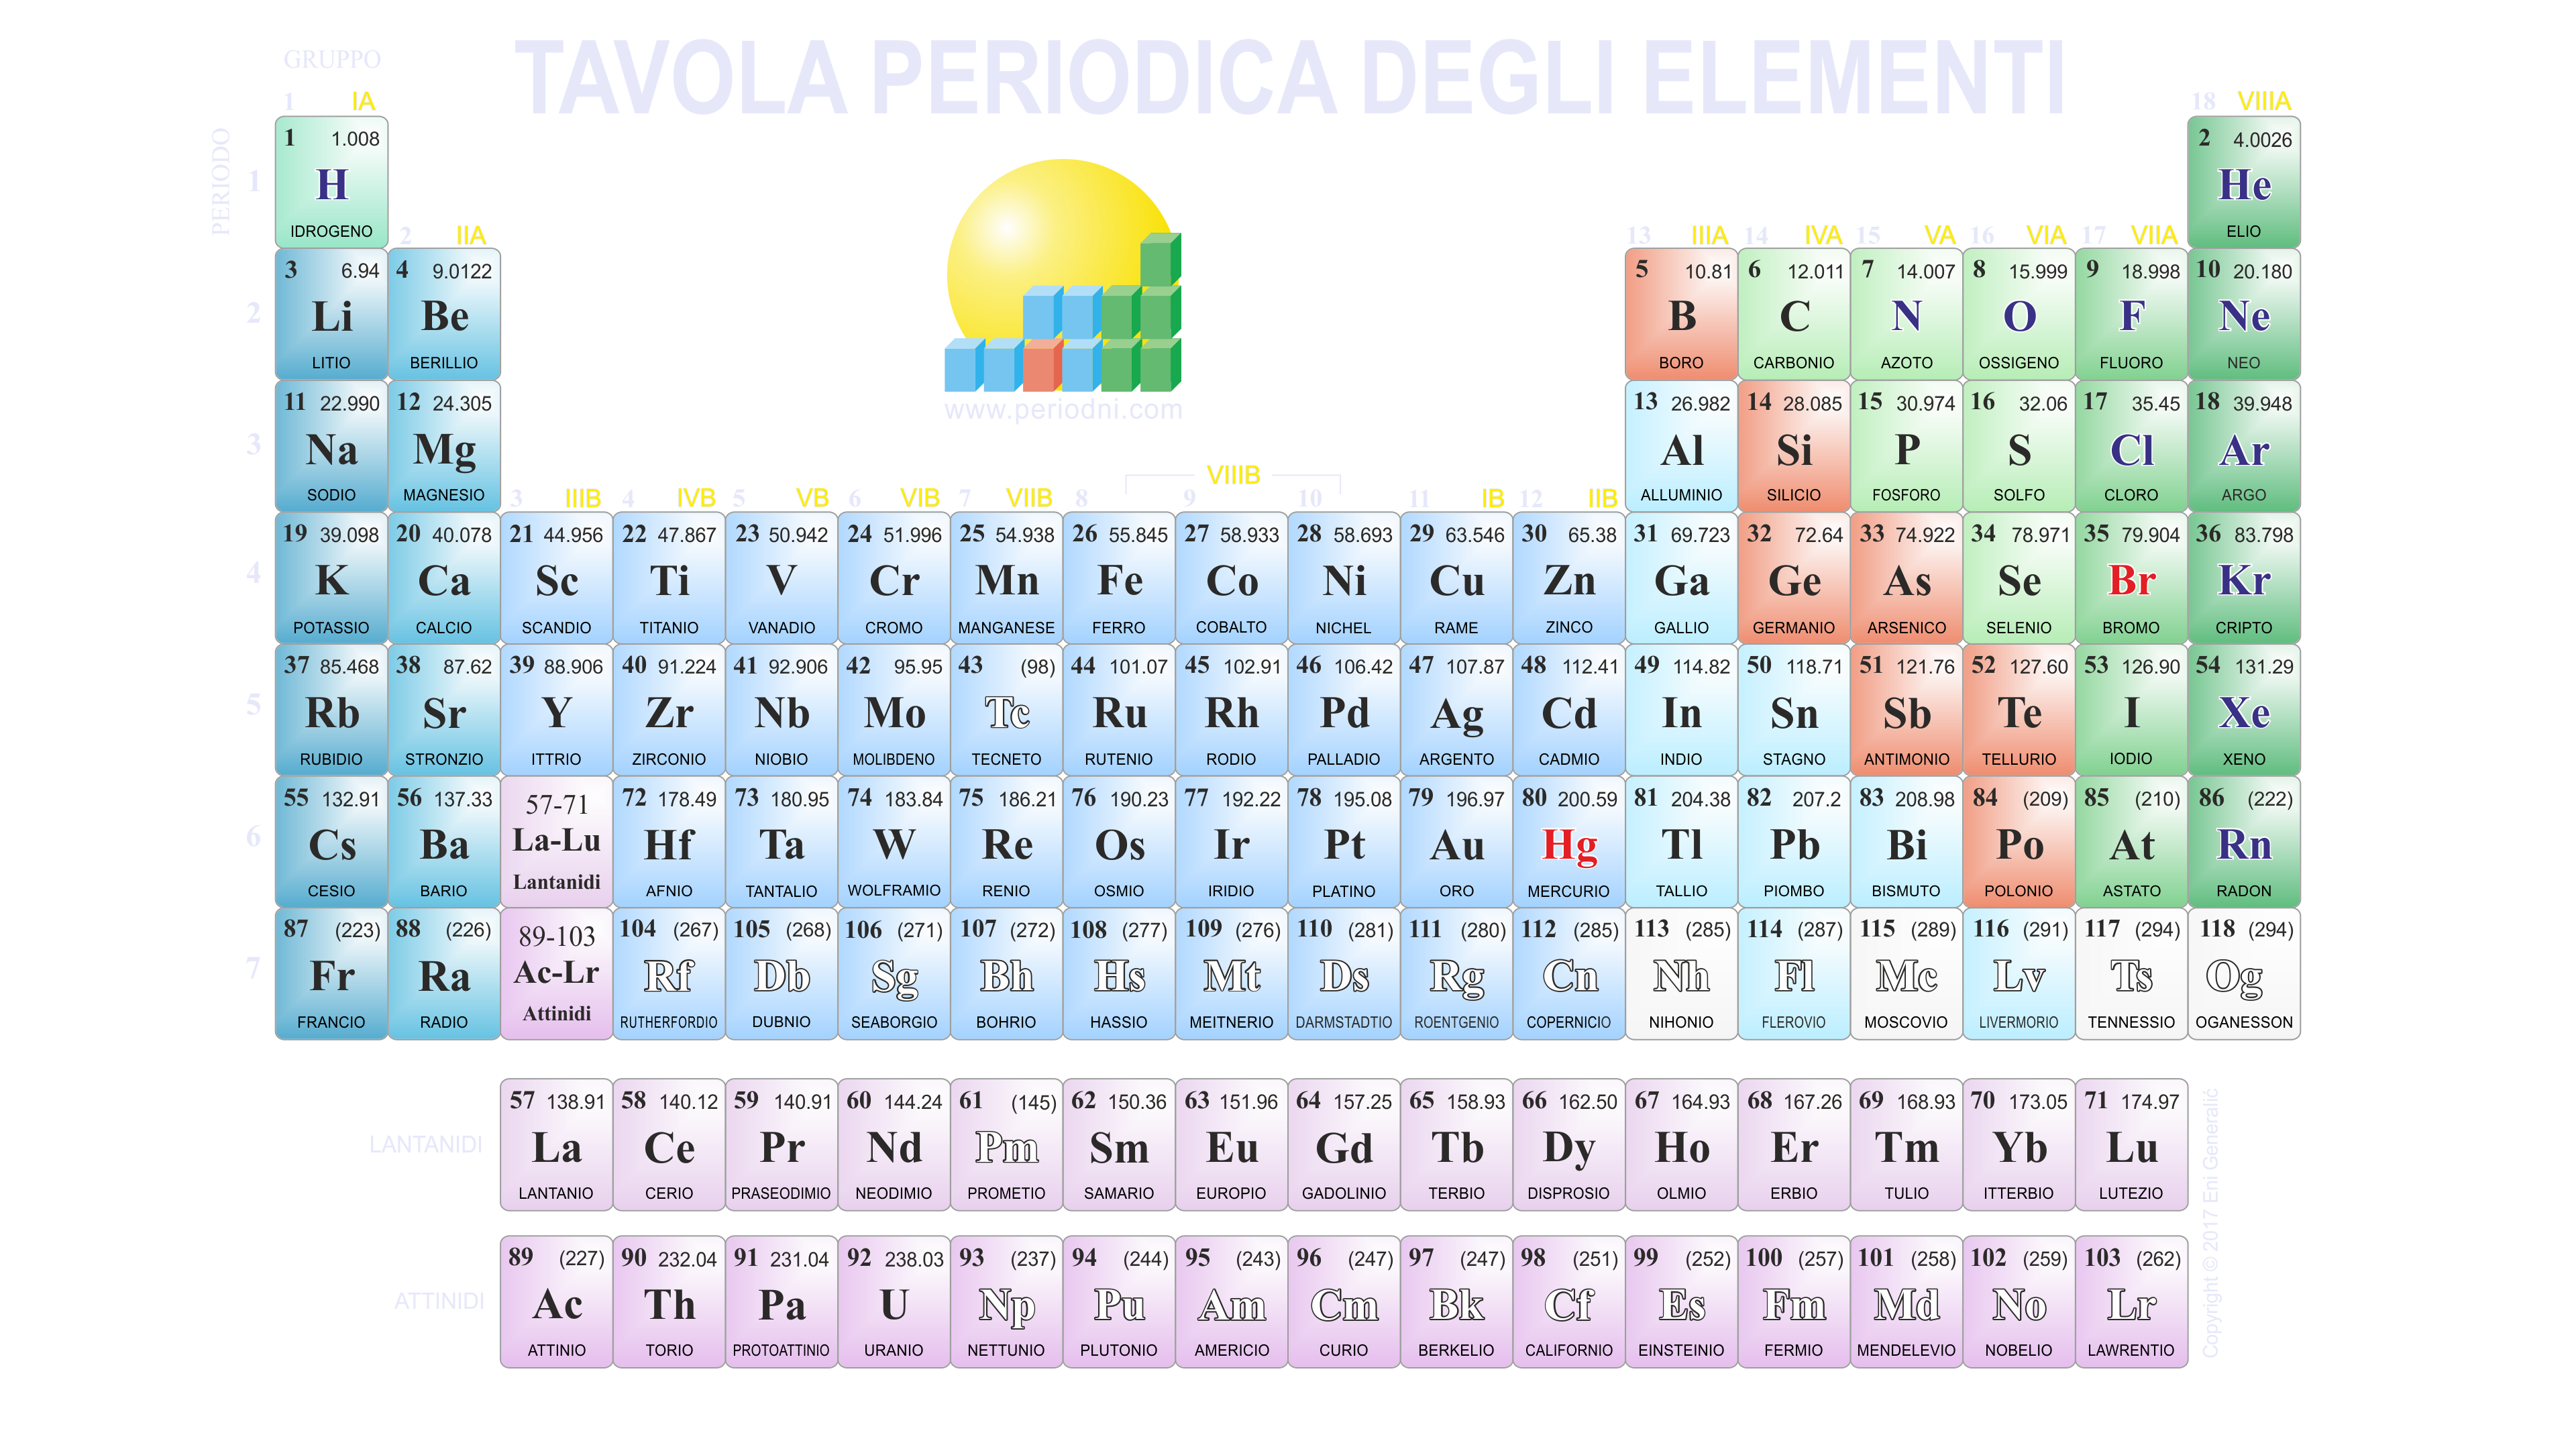 Direct download link: https://www.periodni.com/gallery/tavola_periodica-4k-3840x2160-sfondo_scuro.png